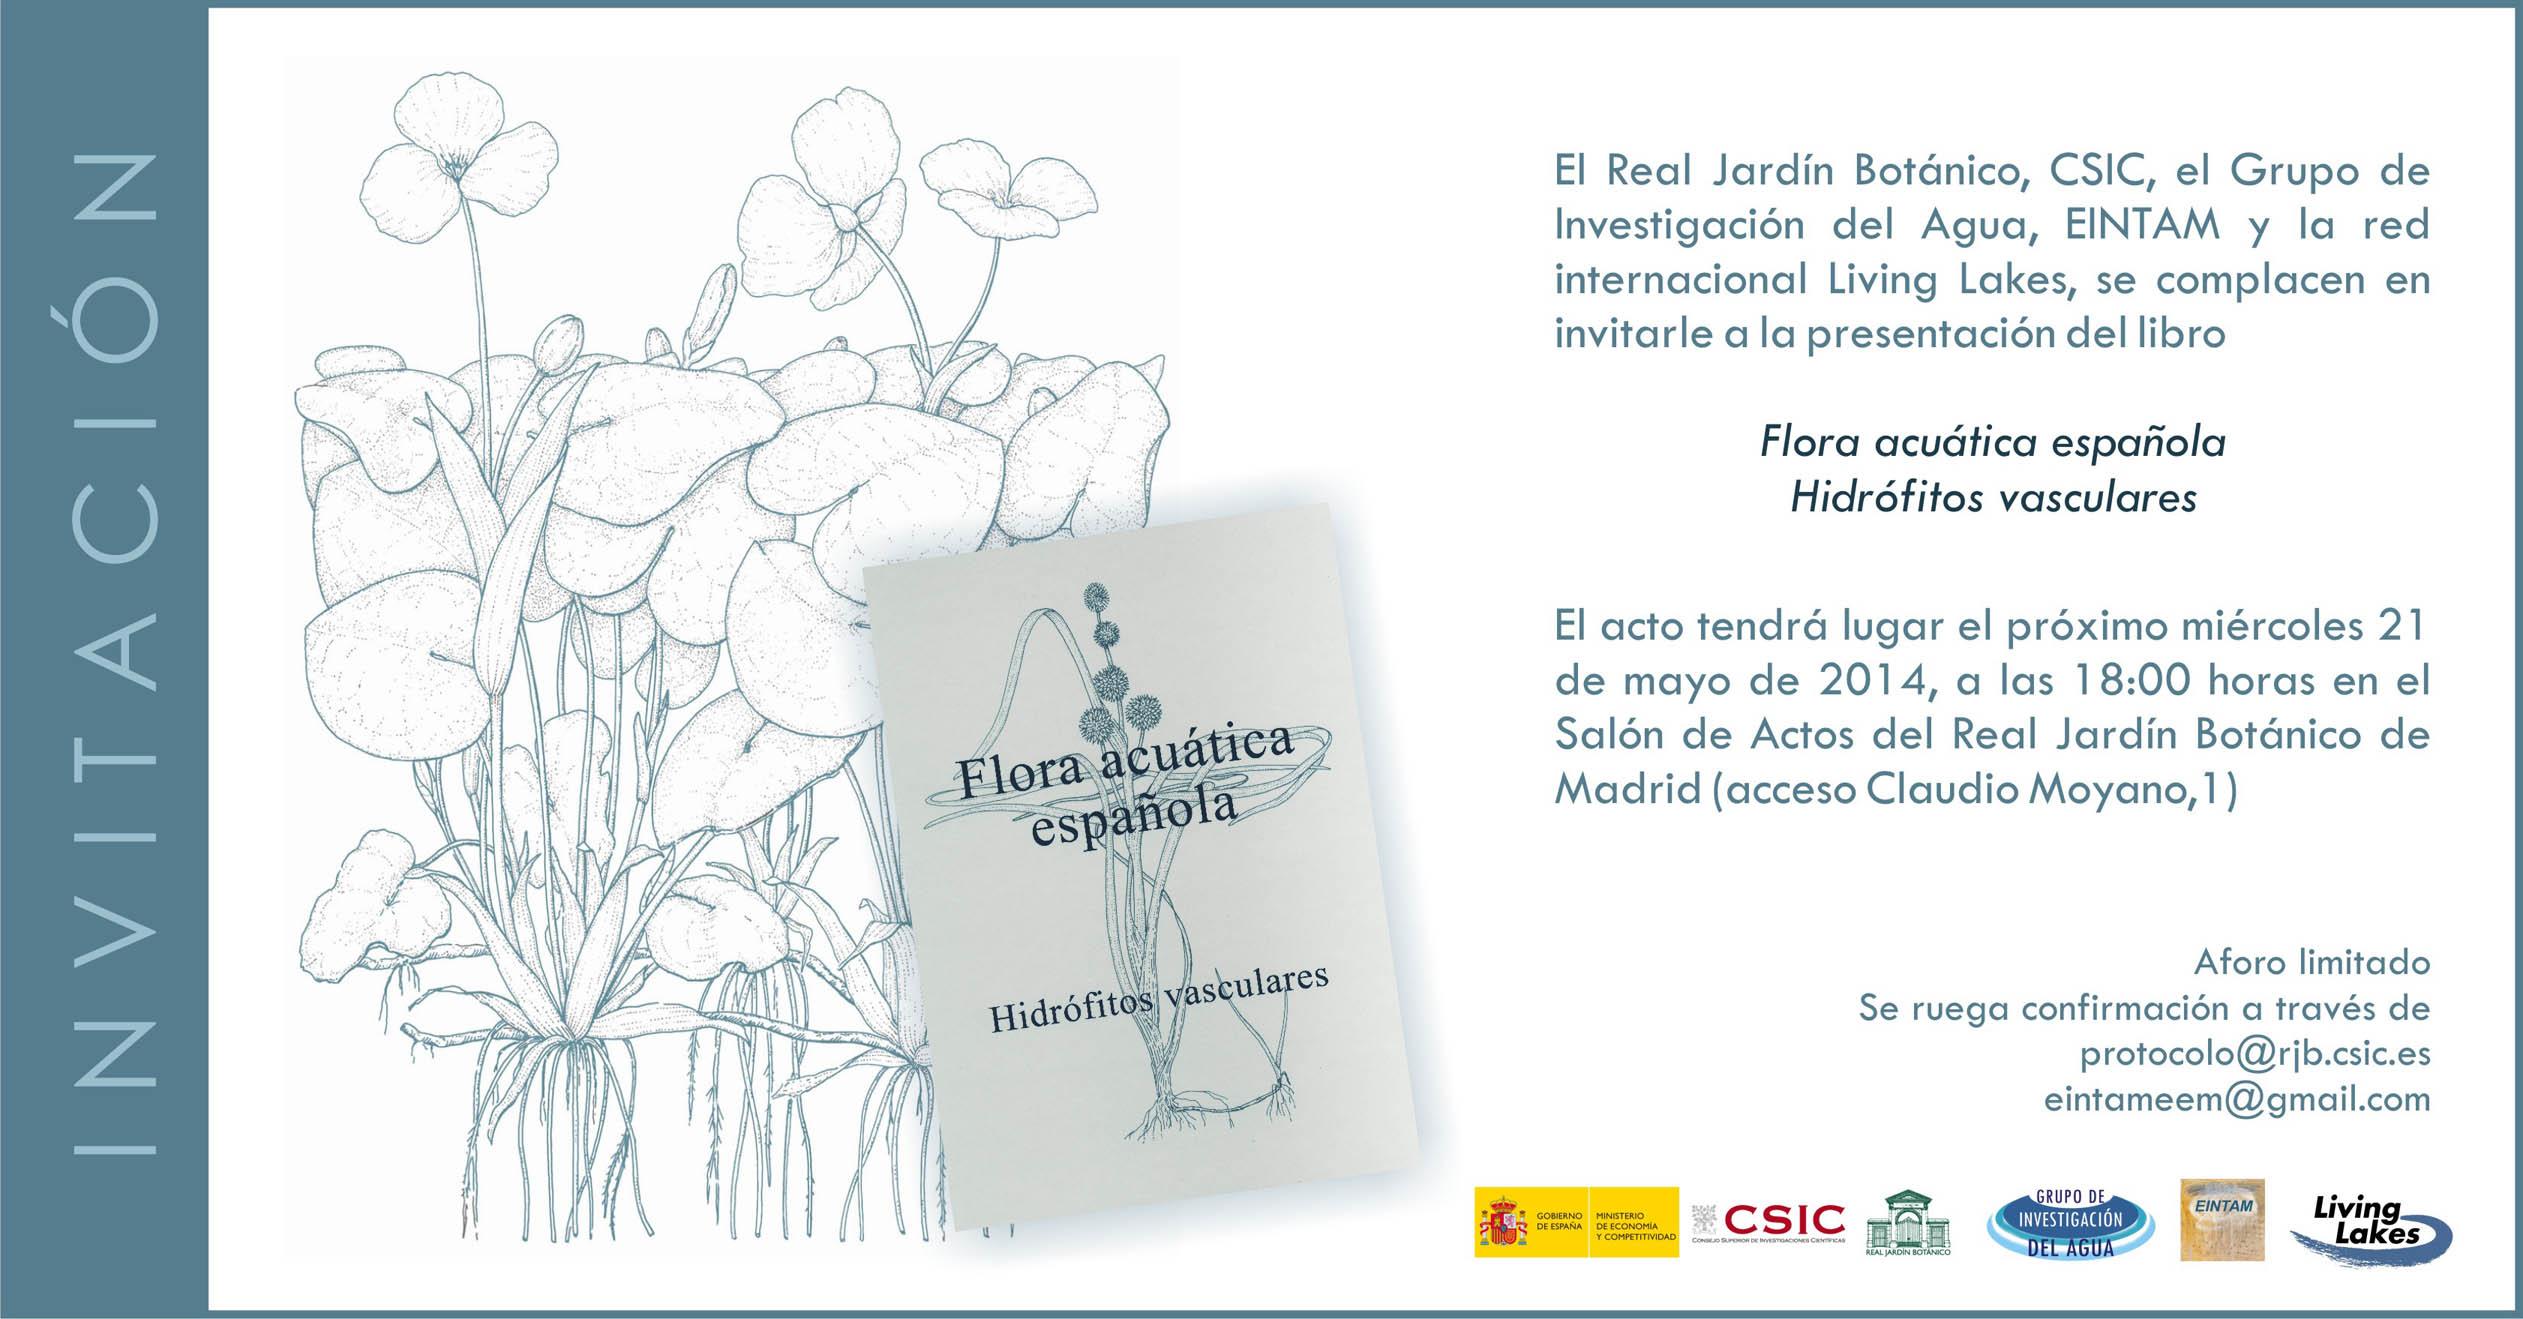 Invitación_FLORA ACUÁTICA ESPAÑOLA